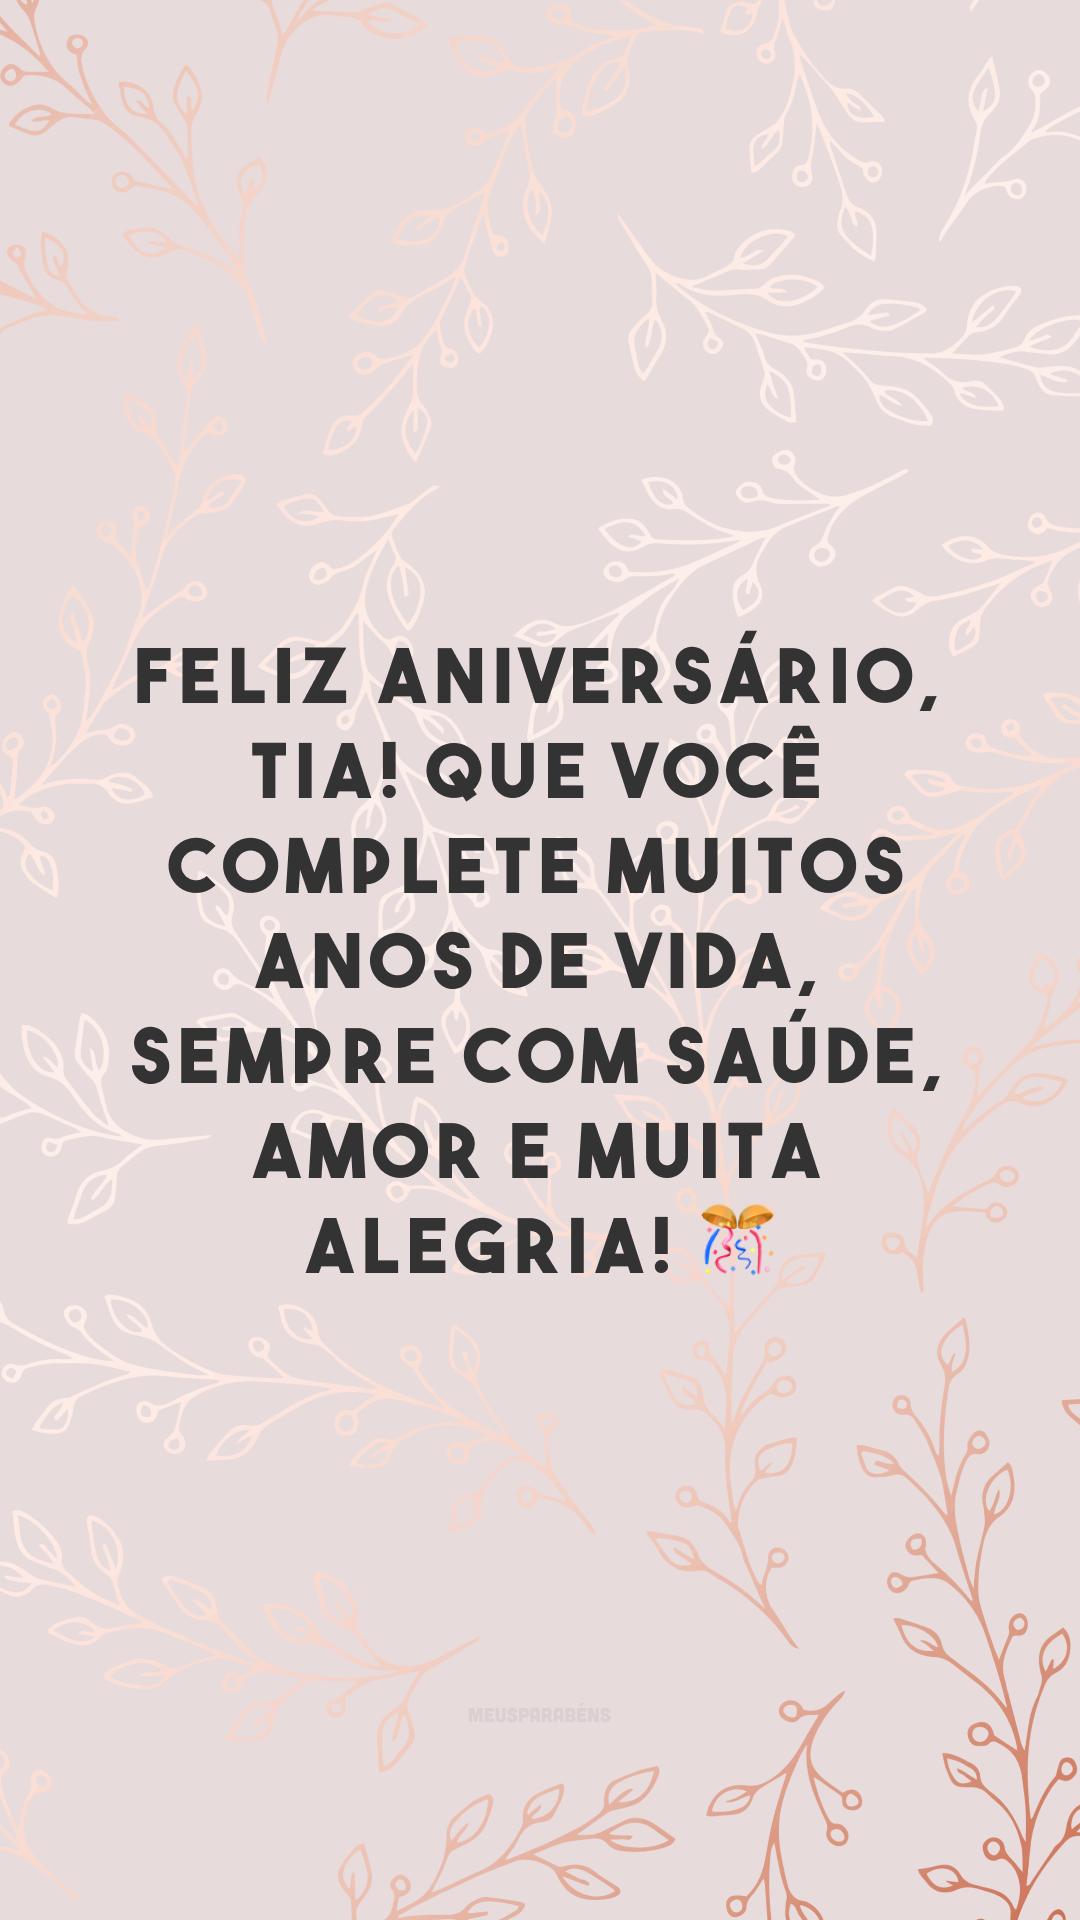 Feliz aniversário, tia! Que você complete muitos anos de vida, sempre com saúde, amor e muita alegria! ?